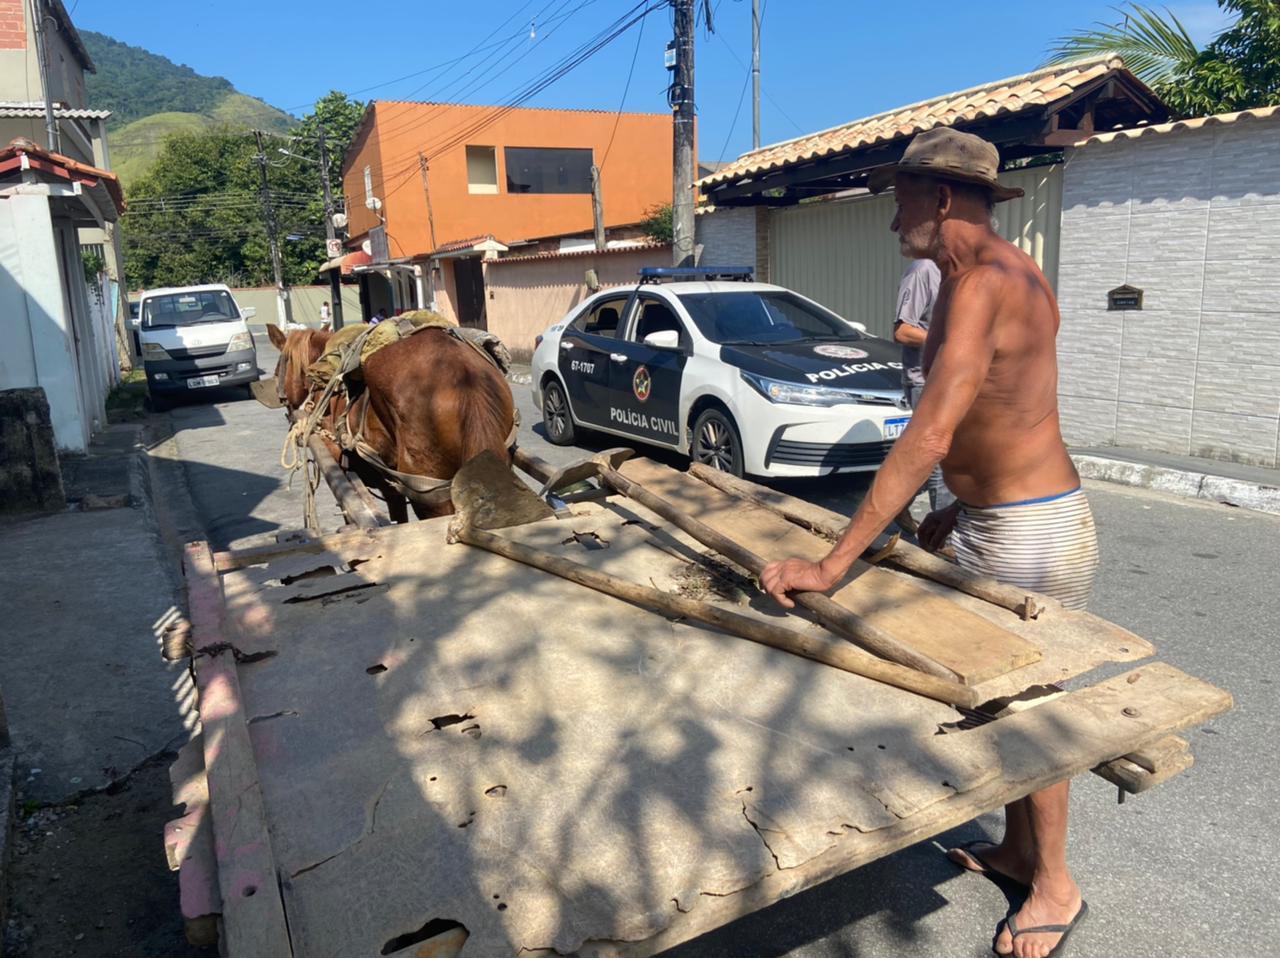 Imagem da ação da Polícia Civil no combate ao crime de maus-tratos aos animais